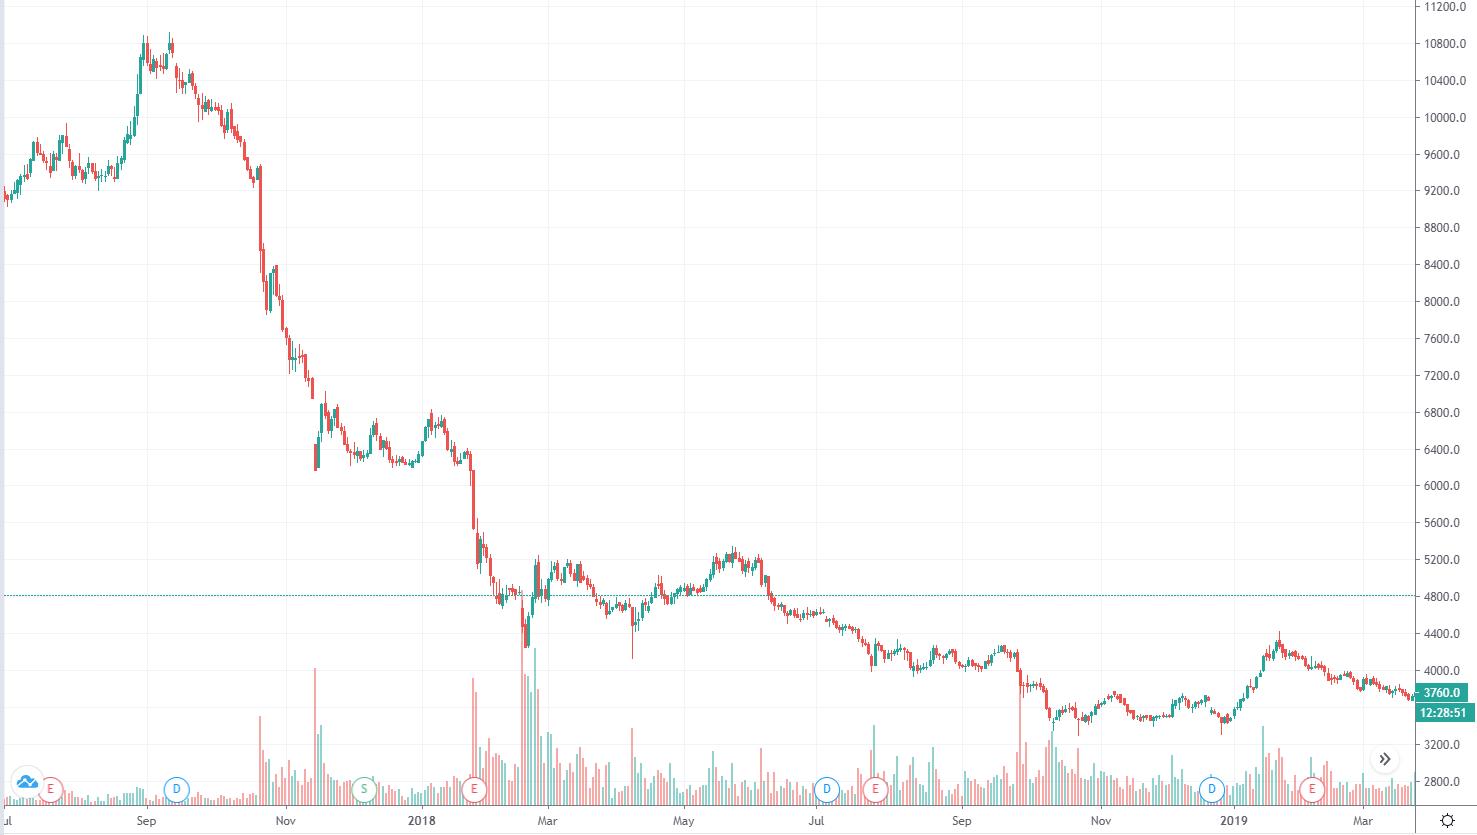 График котировок акций Магнит